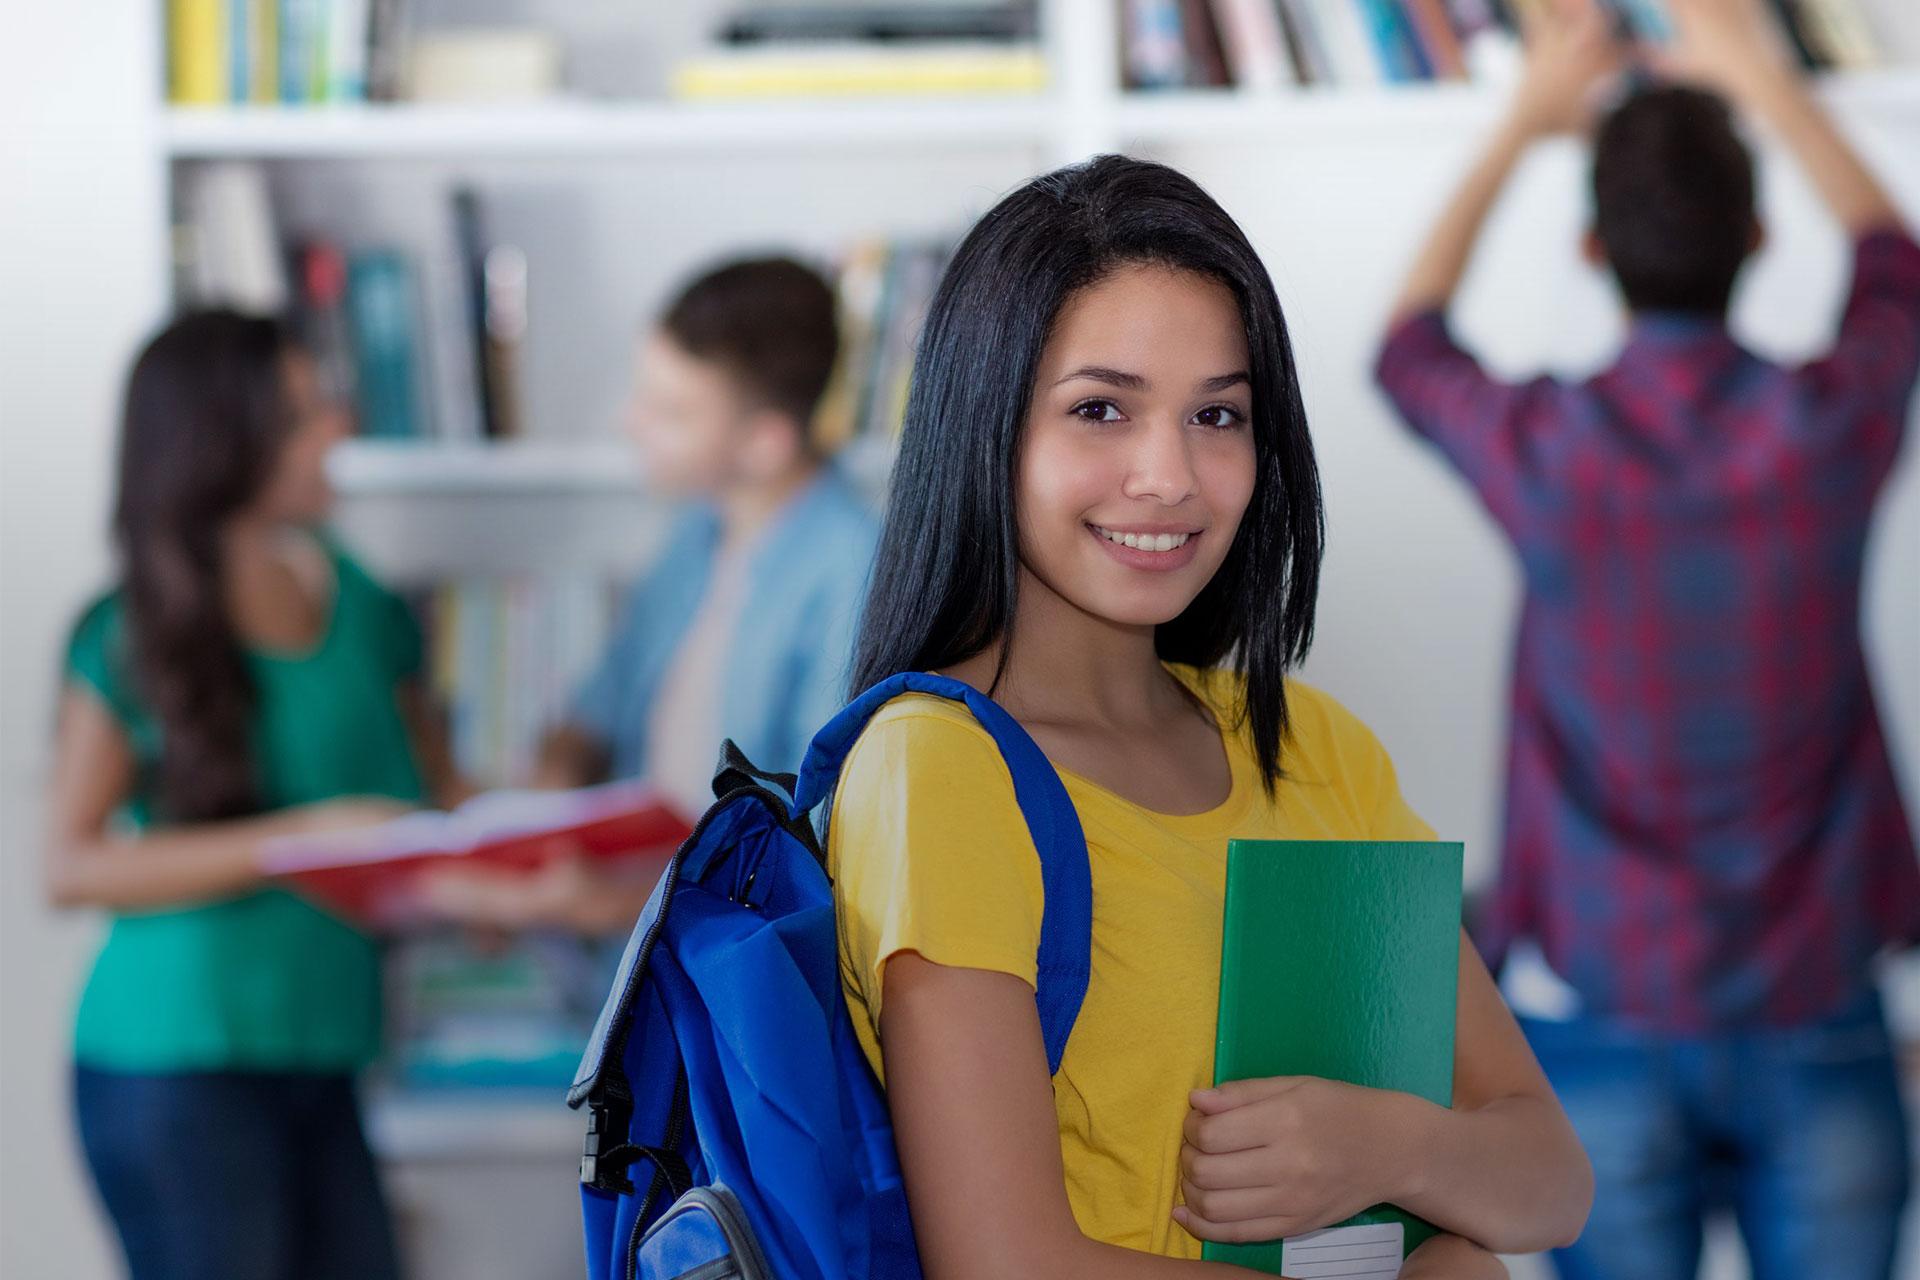 junges Mädchen mit Rucksack auf dem Rücken